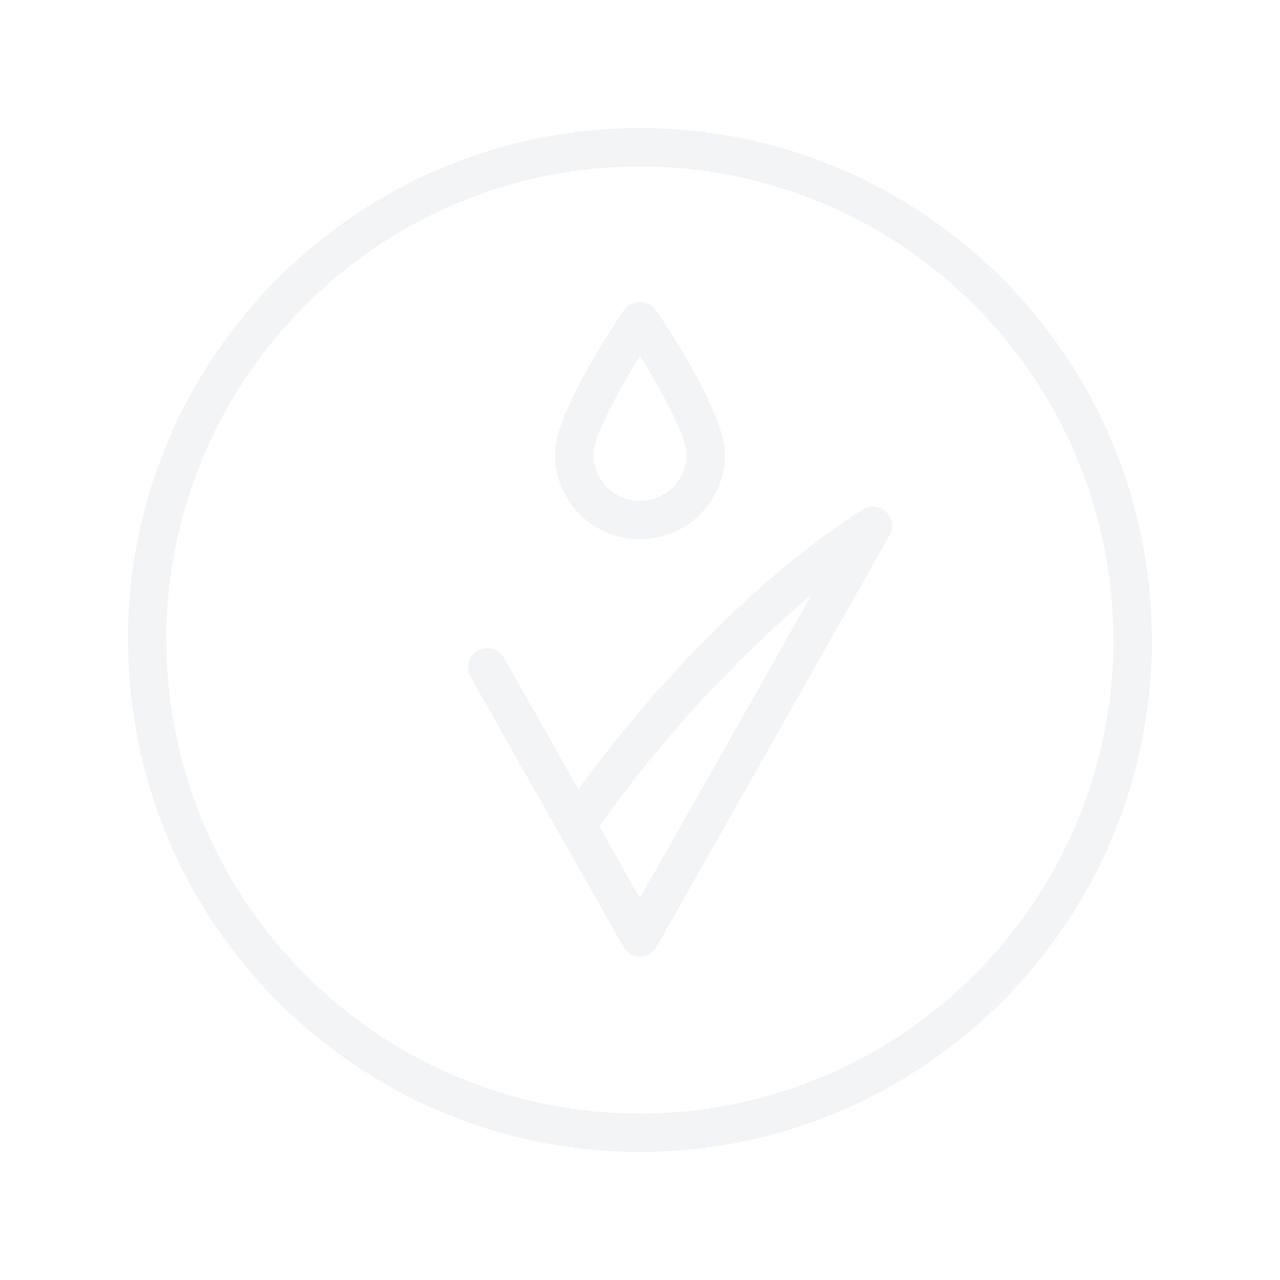 THEBALM Meet Matt Shmaker Eyeshadow Palette 9.6g